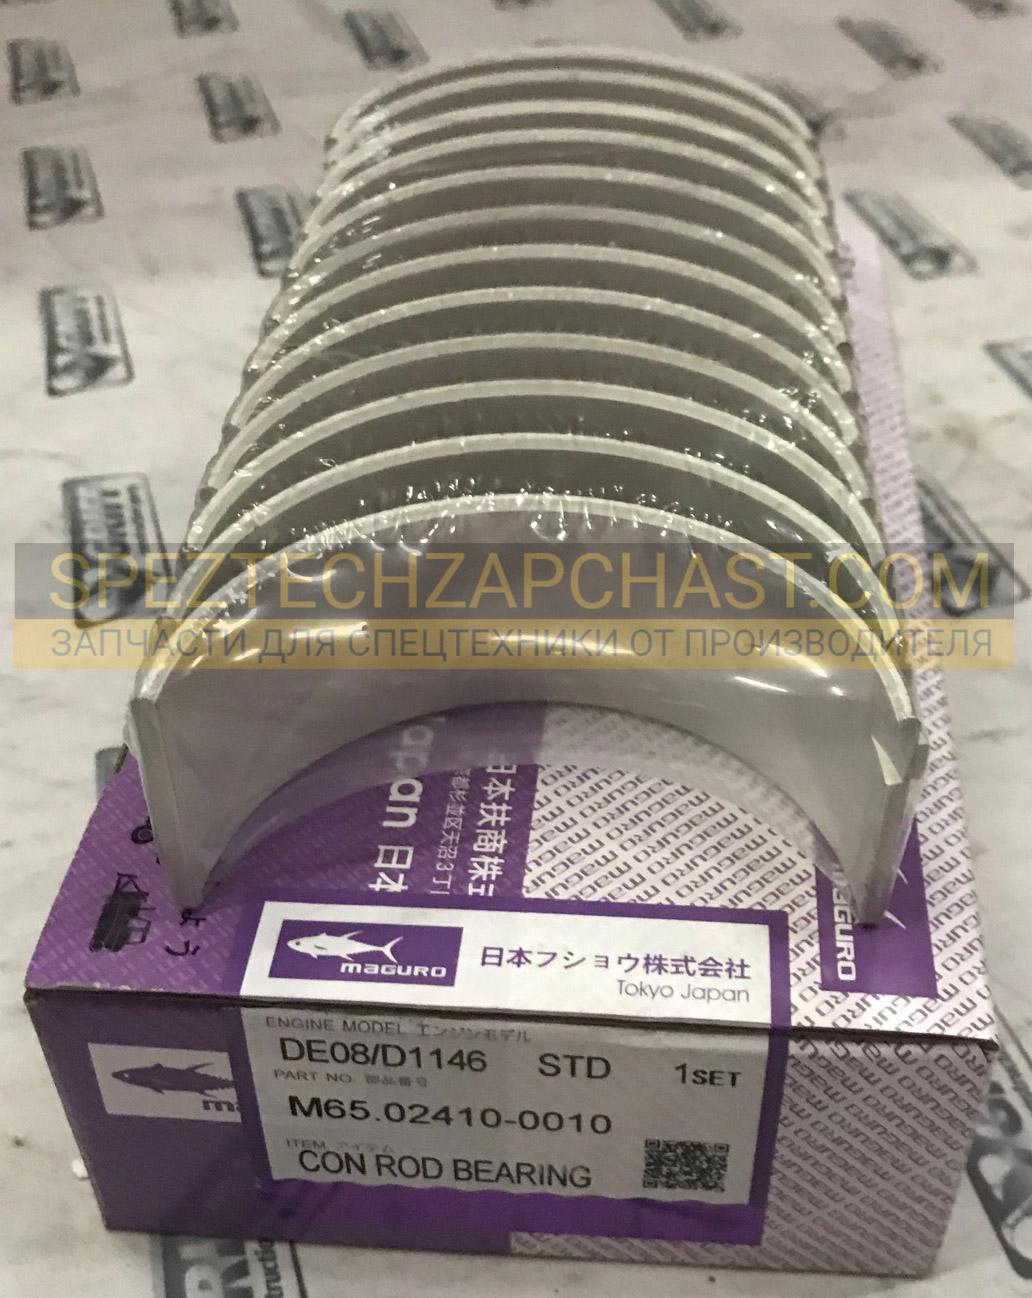 Шатунные вкладыши стандарт 65.02410-0010/65.02410-0011/65.02410-0012